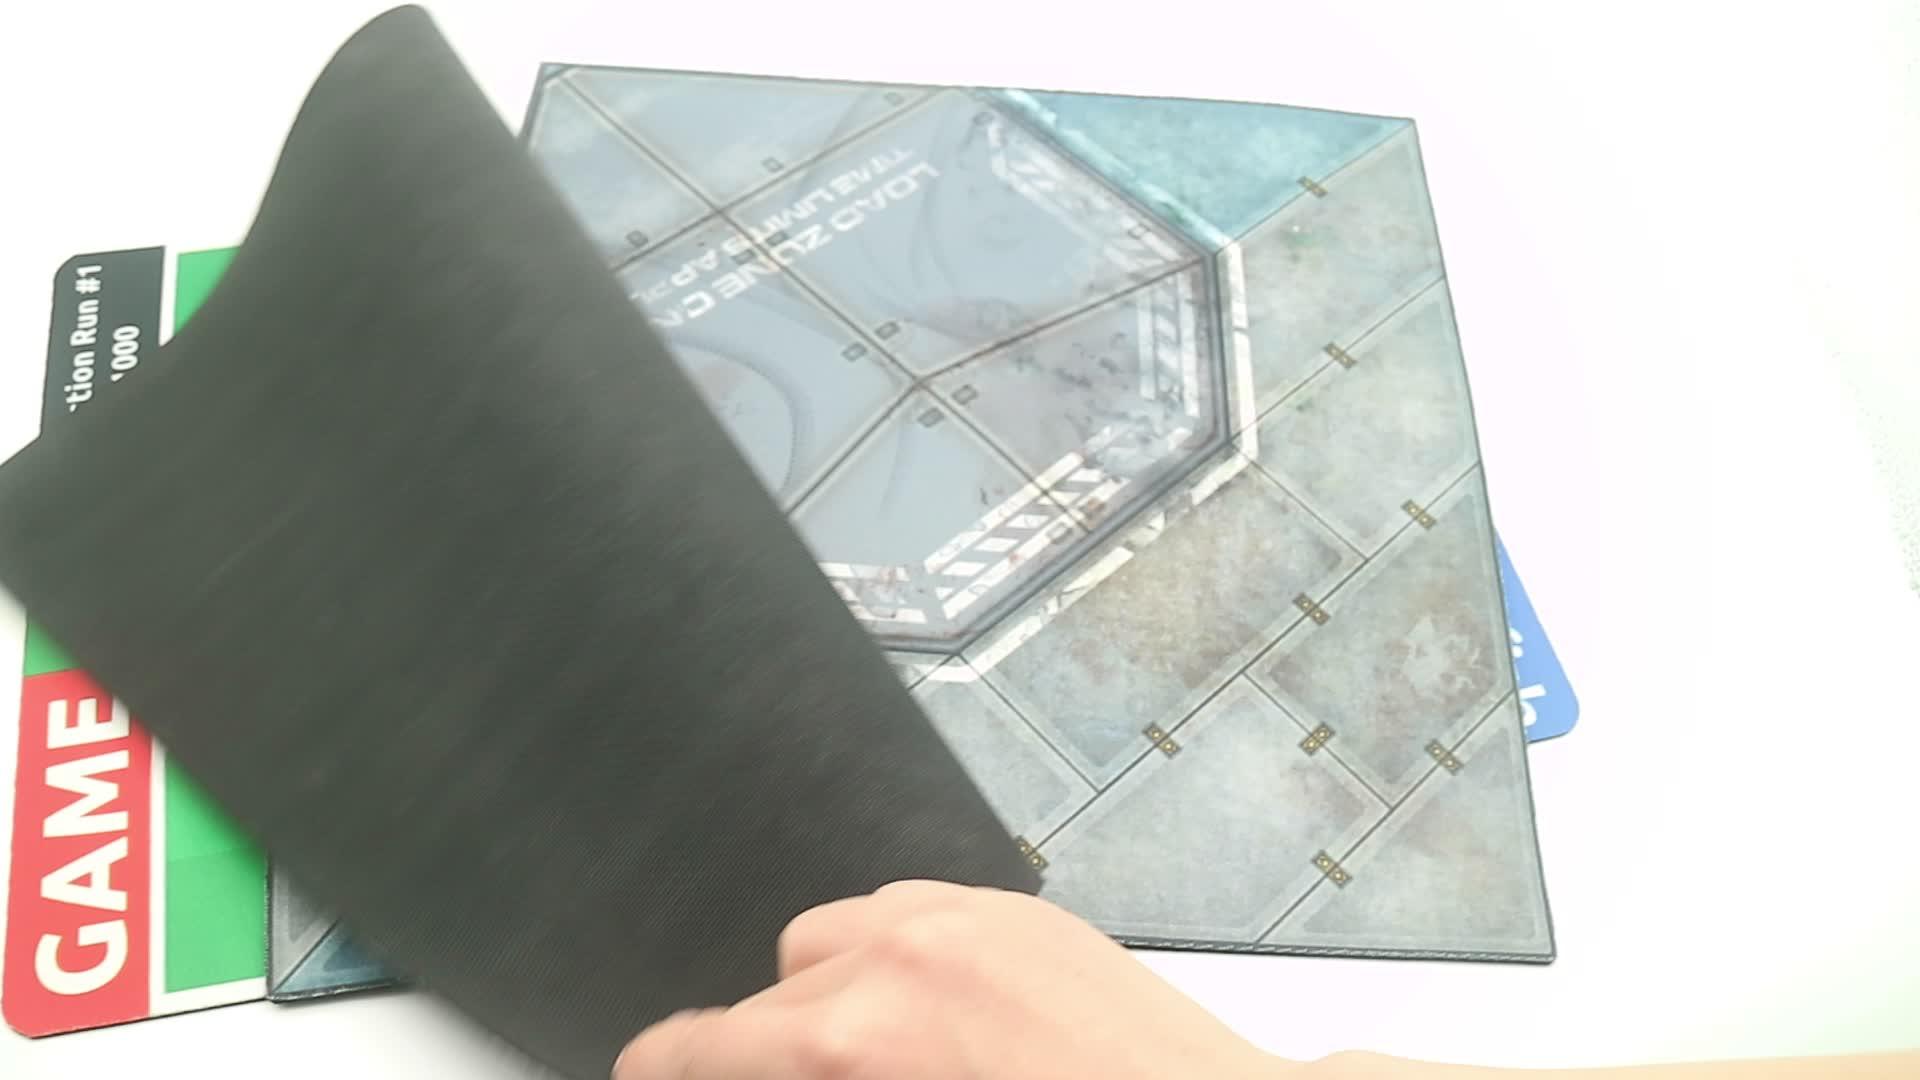 Standardgröße Brettspiel und Matte Trading Card Sleeves Deckschutz, Pro Support Trading Card Weiche Ärmel